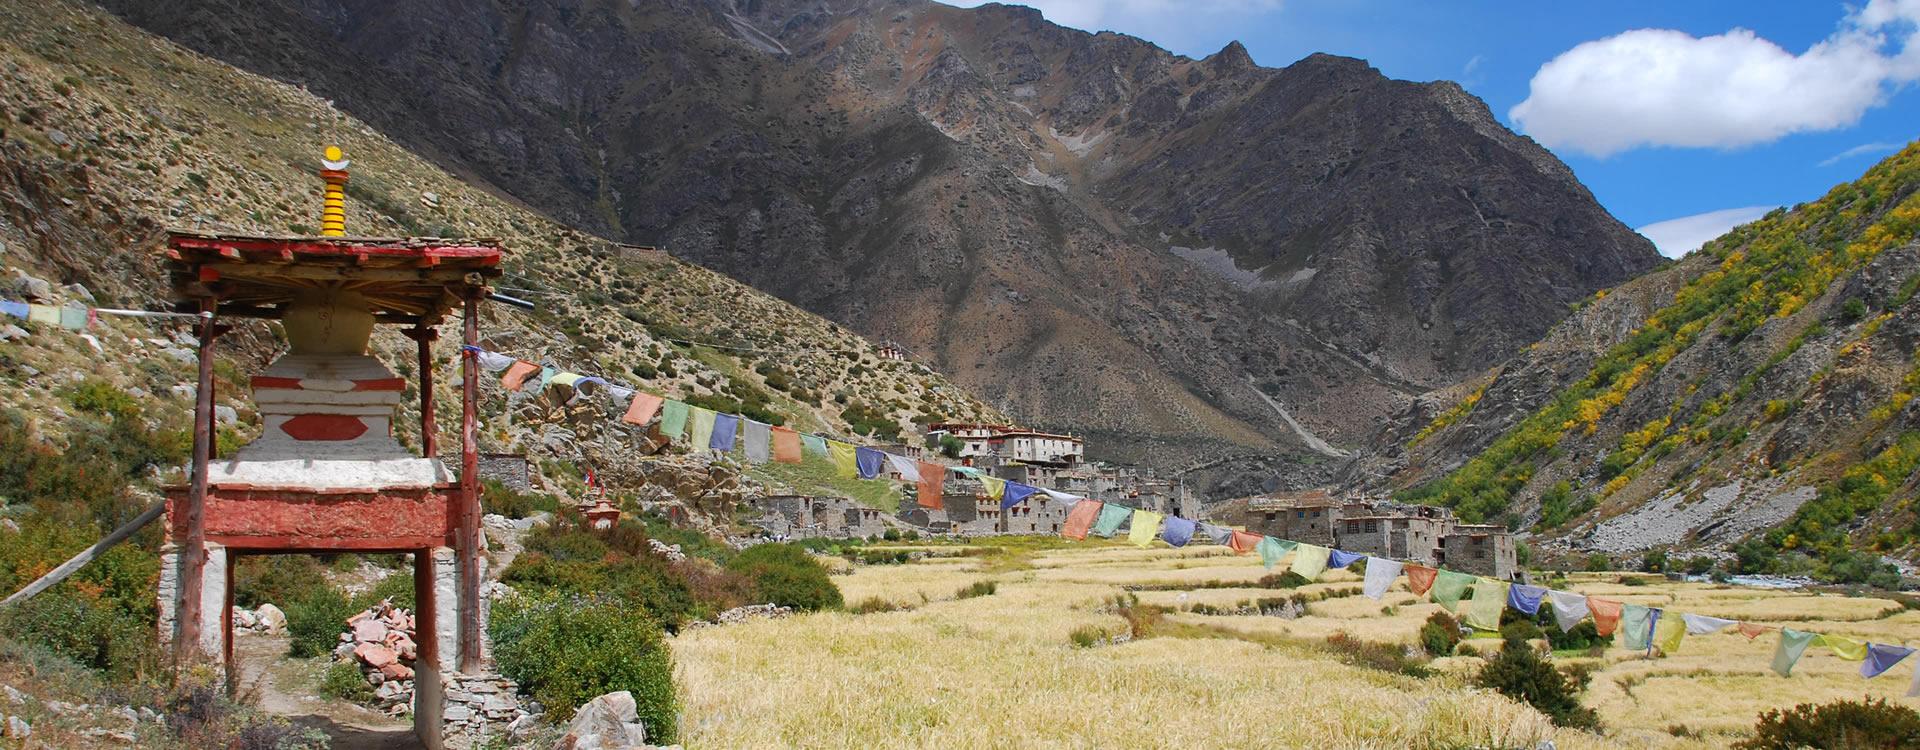 restricted-area-trekking